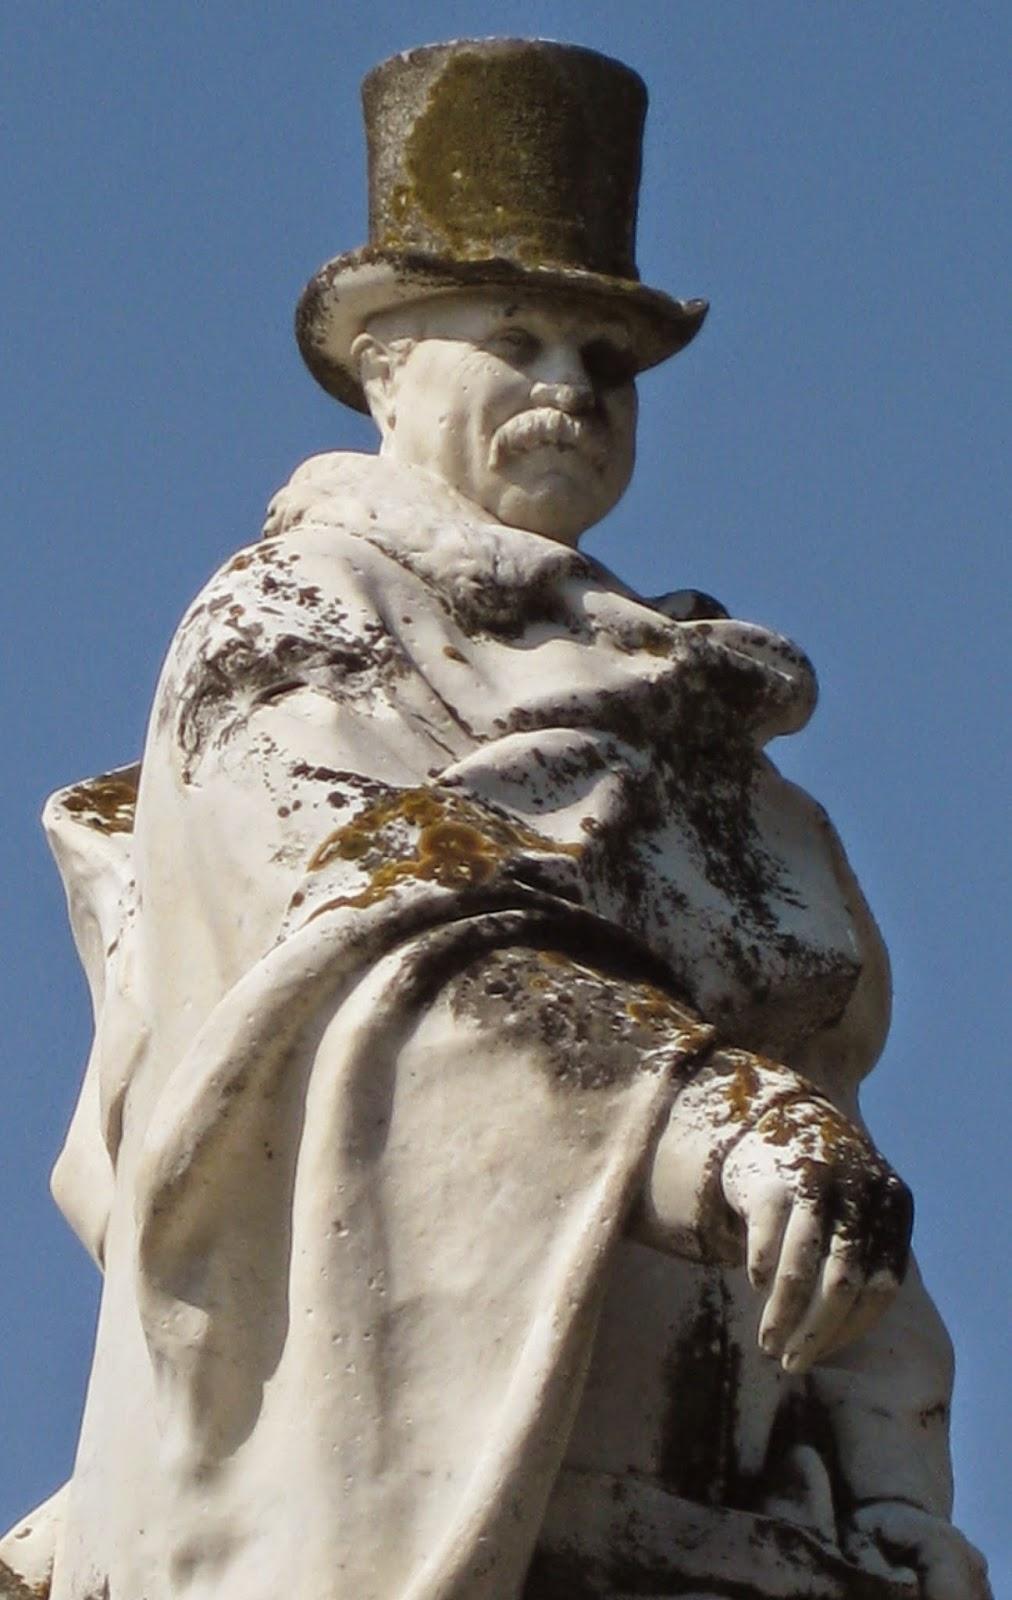 Statue of Carlo Fabbriccotti, 'Carlaz', by Lazzerini